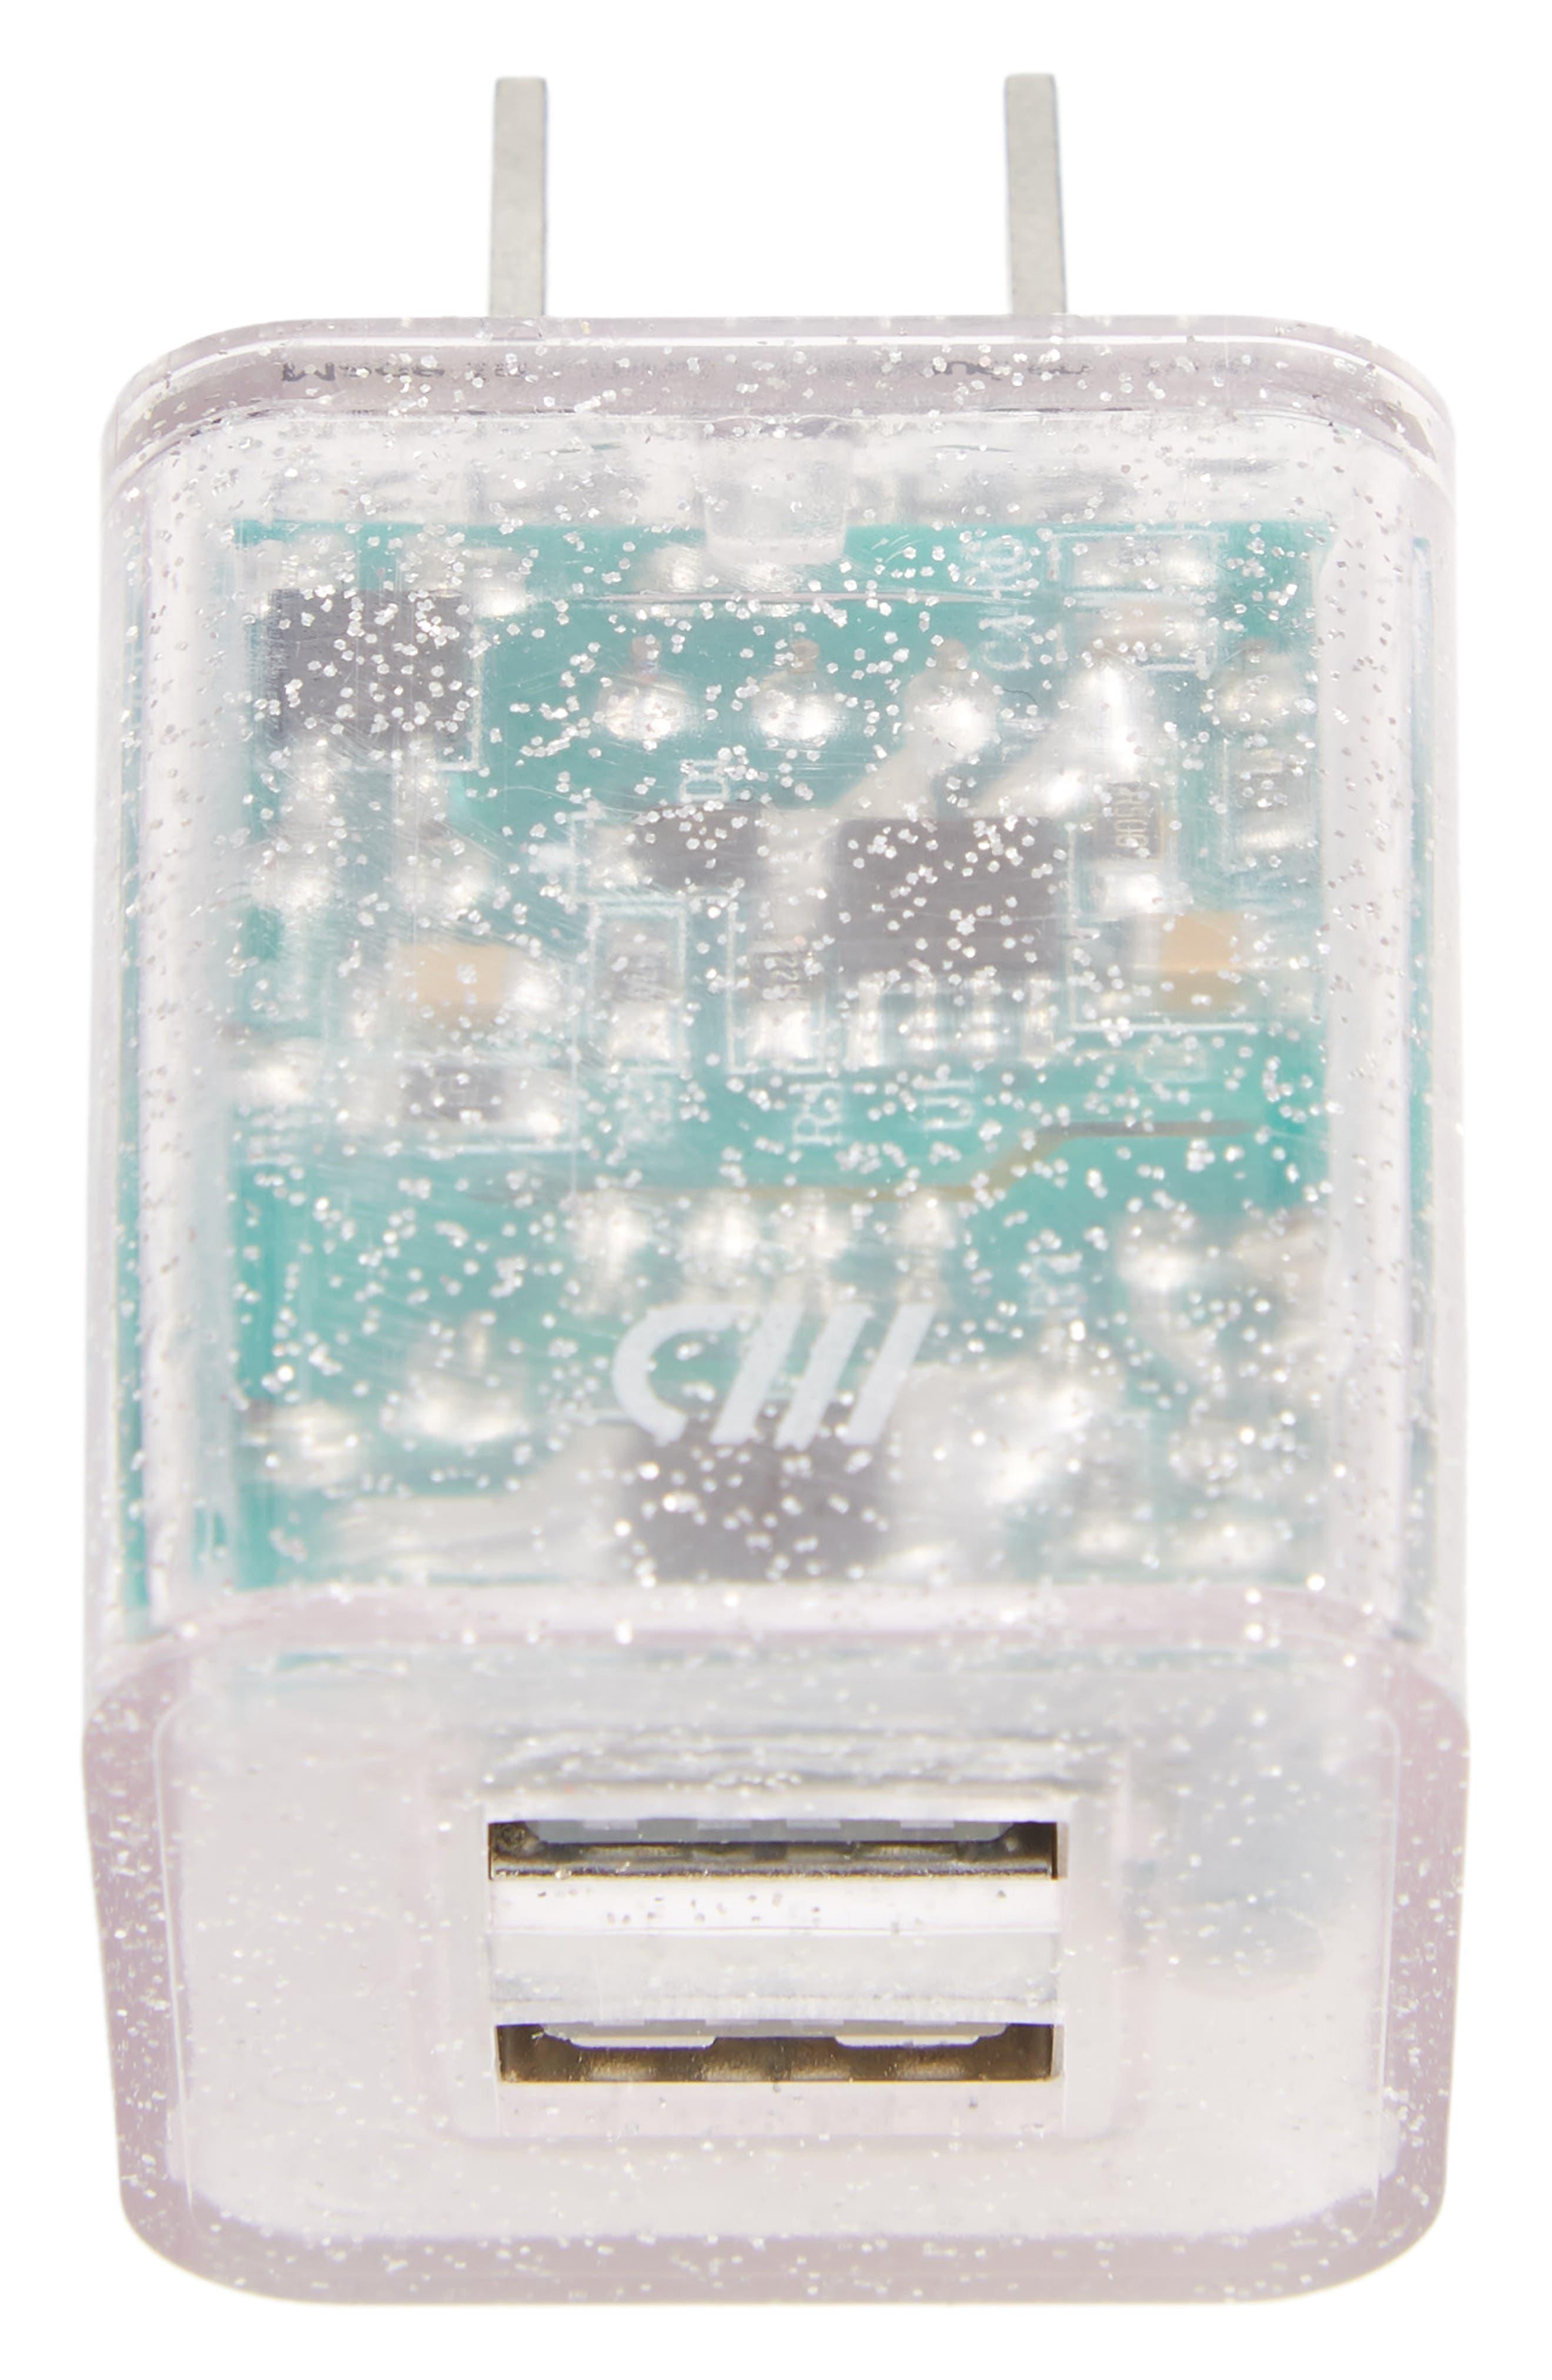 Dual USB Wall Charger,                             Main thumbnail 1, color,                             500